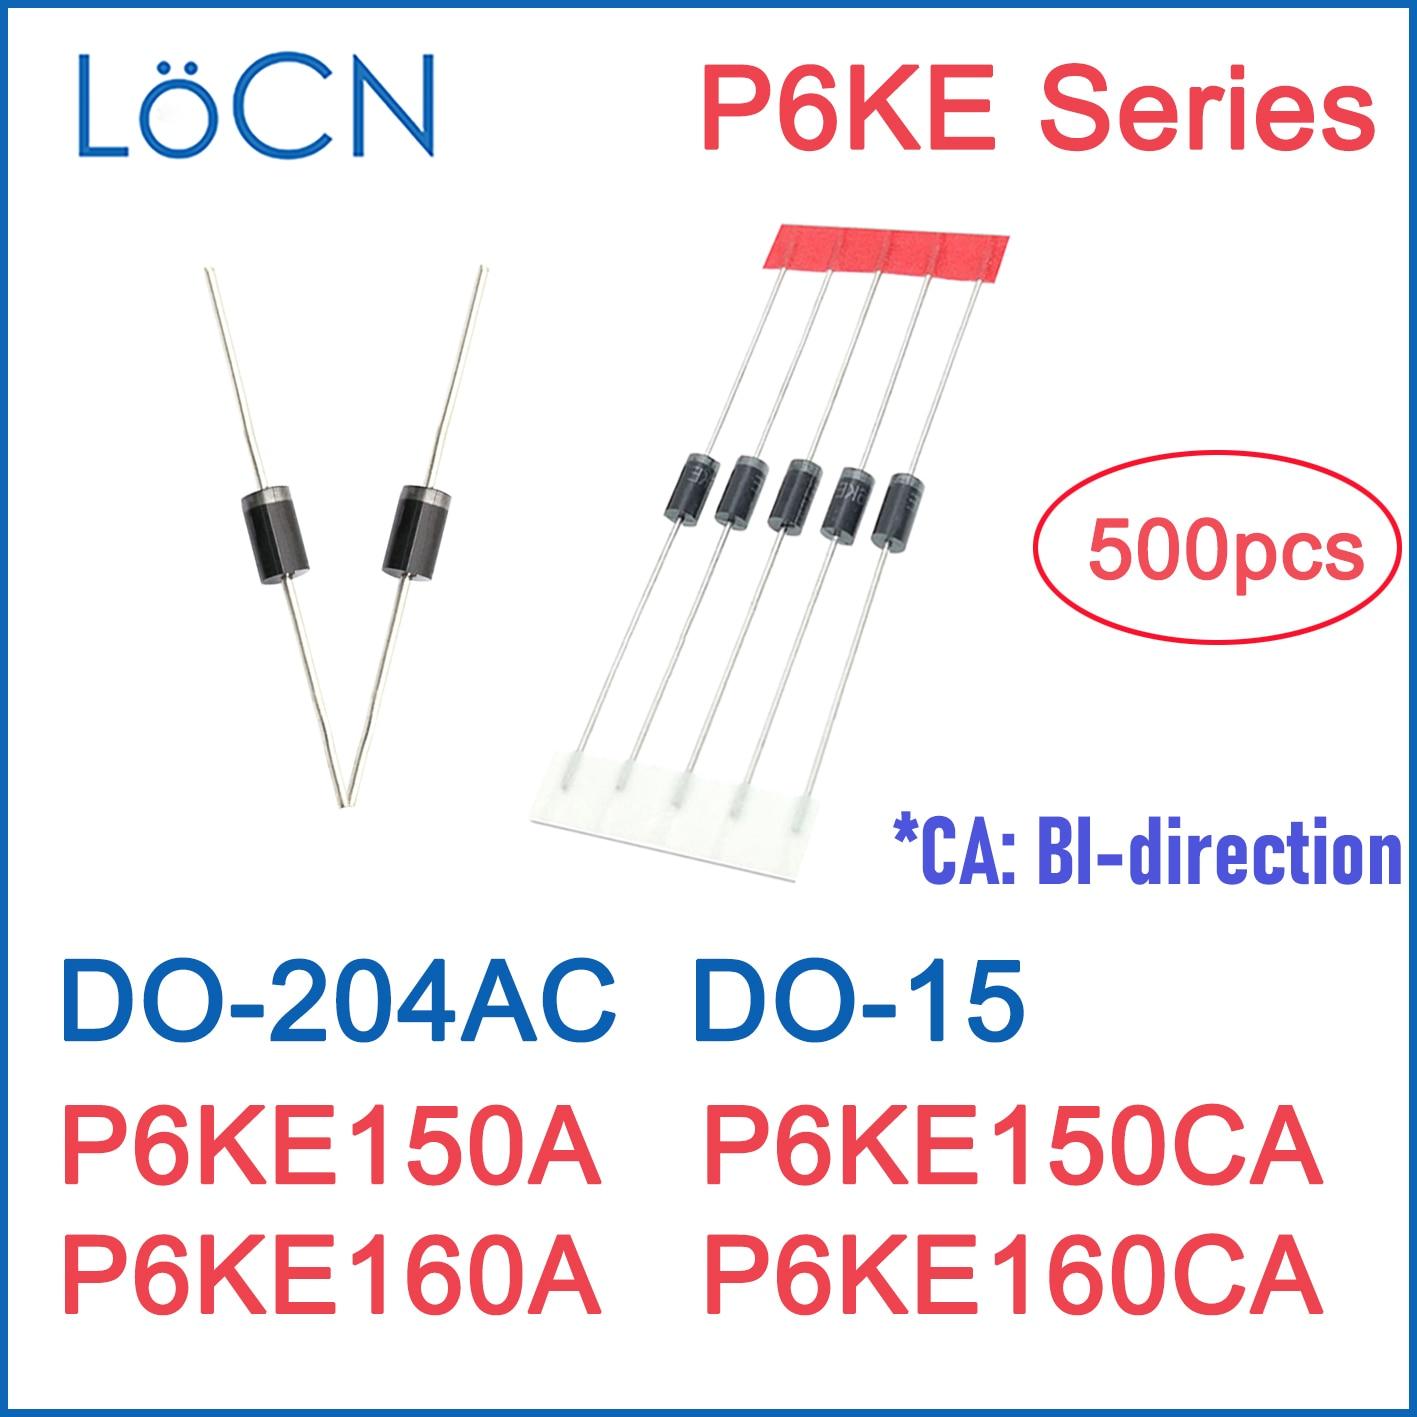 500 pièces P6KE150 P6KE150A P6KE150CA P6KE160 P6KE160A P6KE160CA DO-204AC DO-15 P6KE diodes TVS UNI BI haute qualité LoCN P6KE6.8 ~ 550